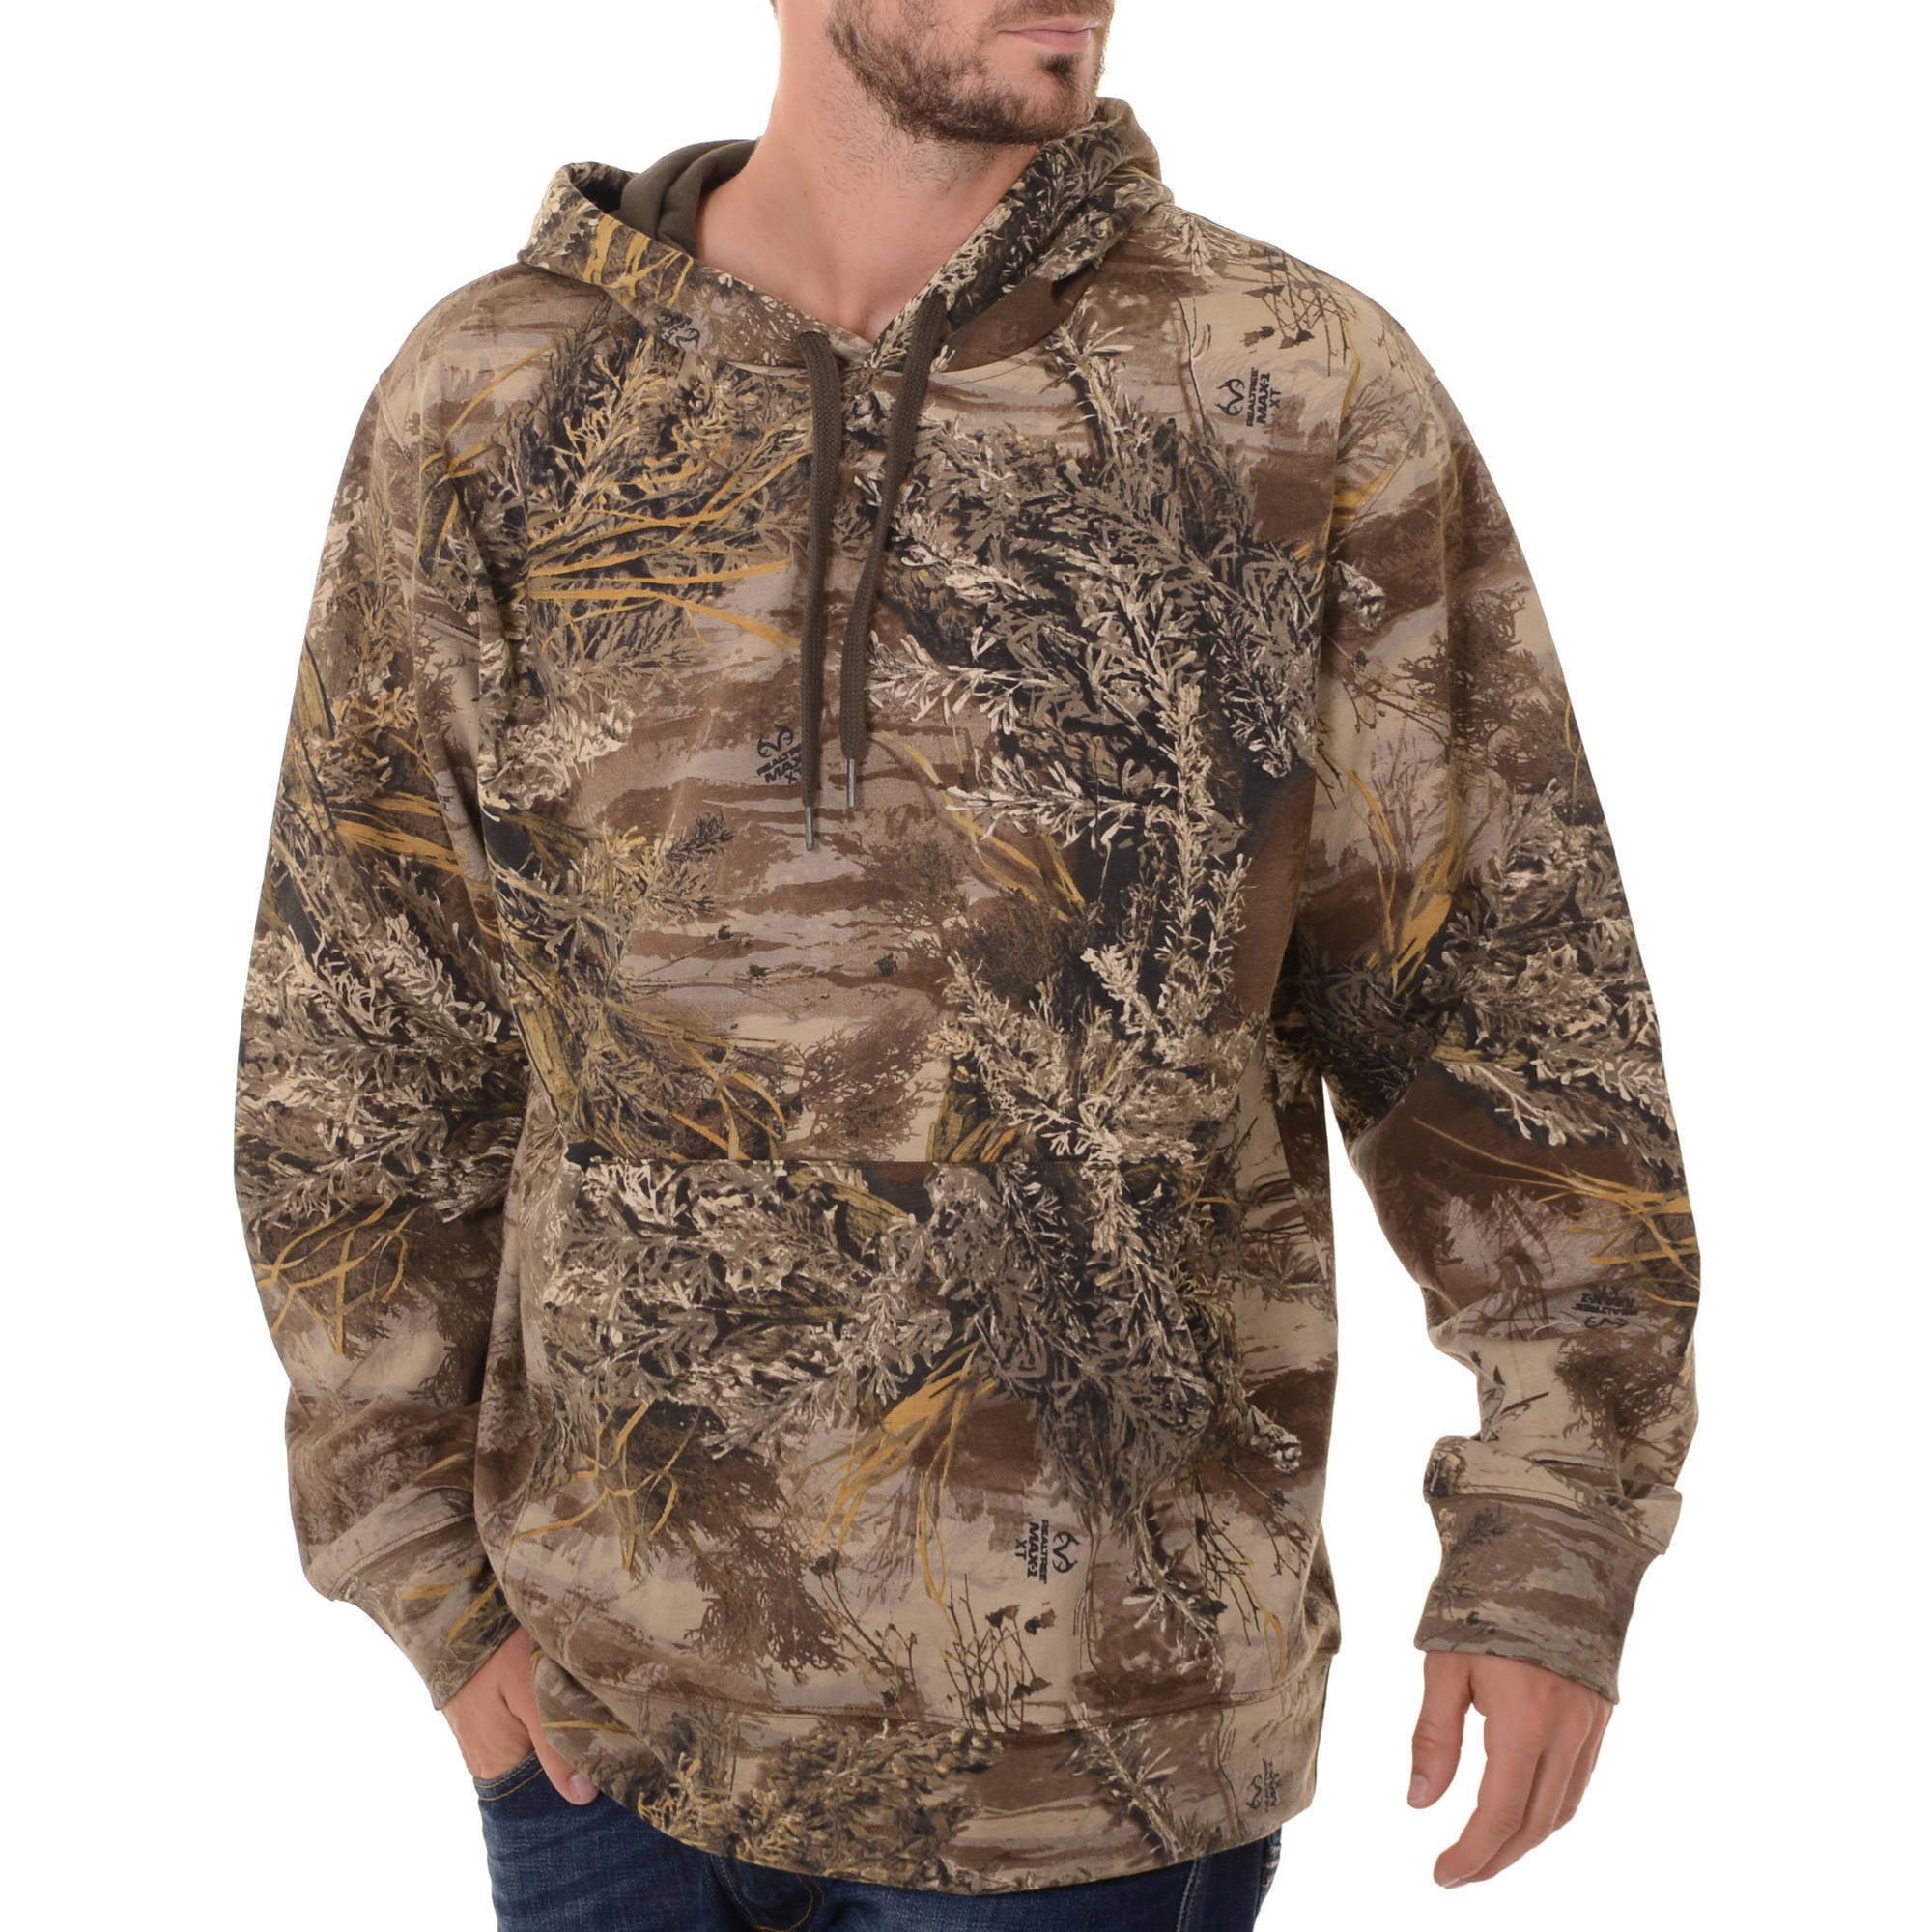 Realtree Men's Camo Pullover Fleece Hoodie by INTRADECO